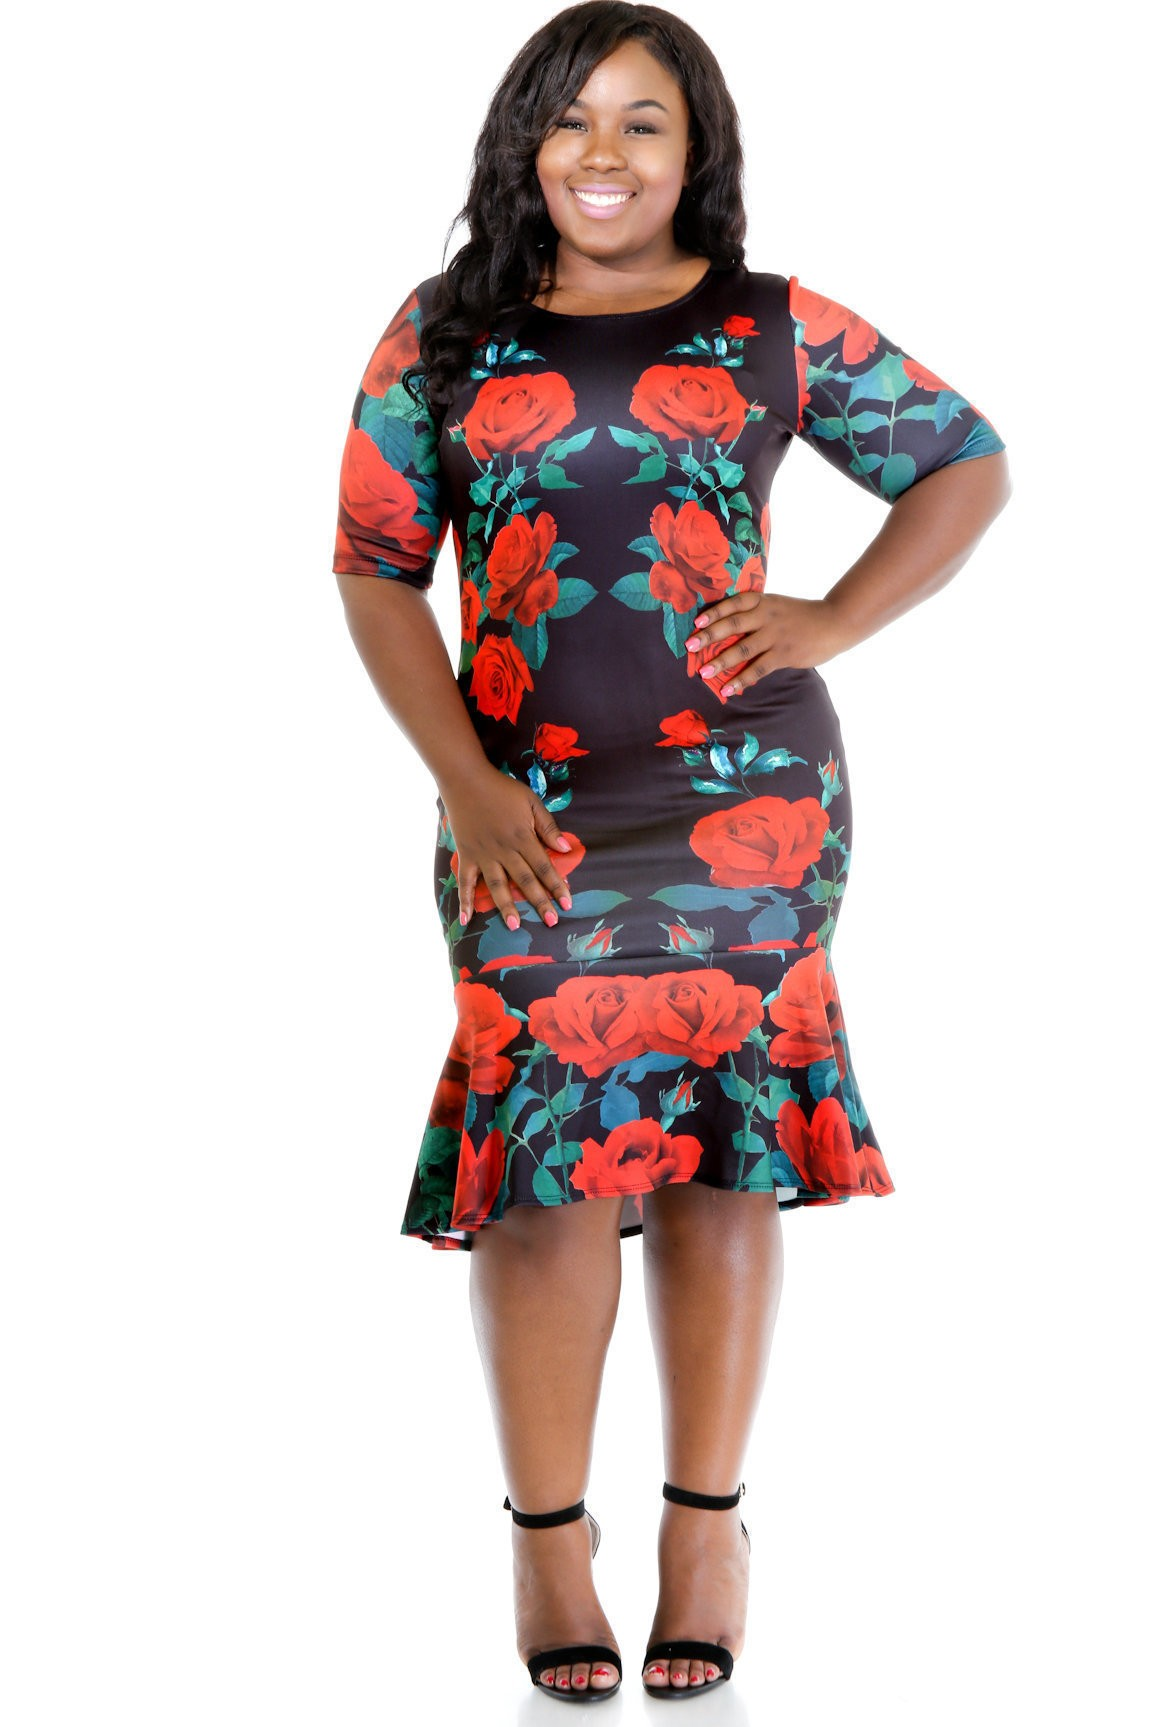 Rose Garden Dress